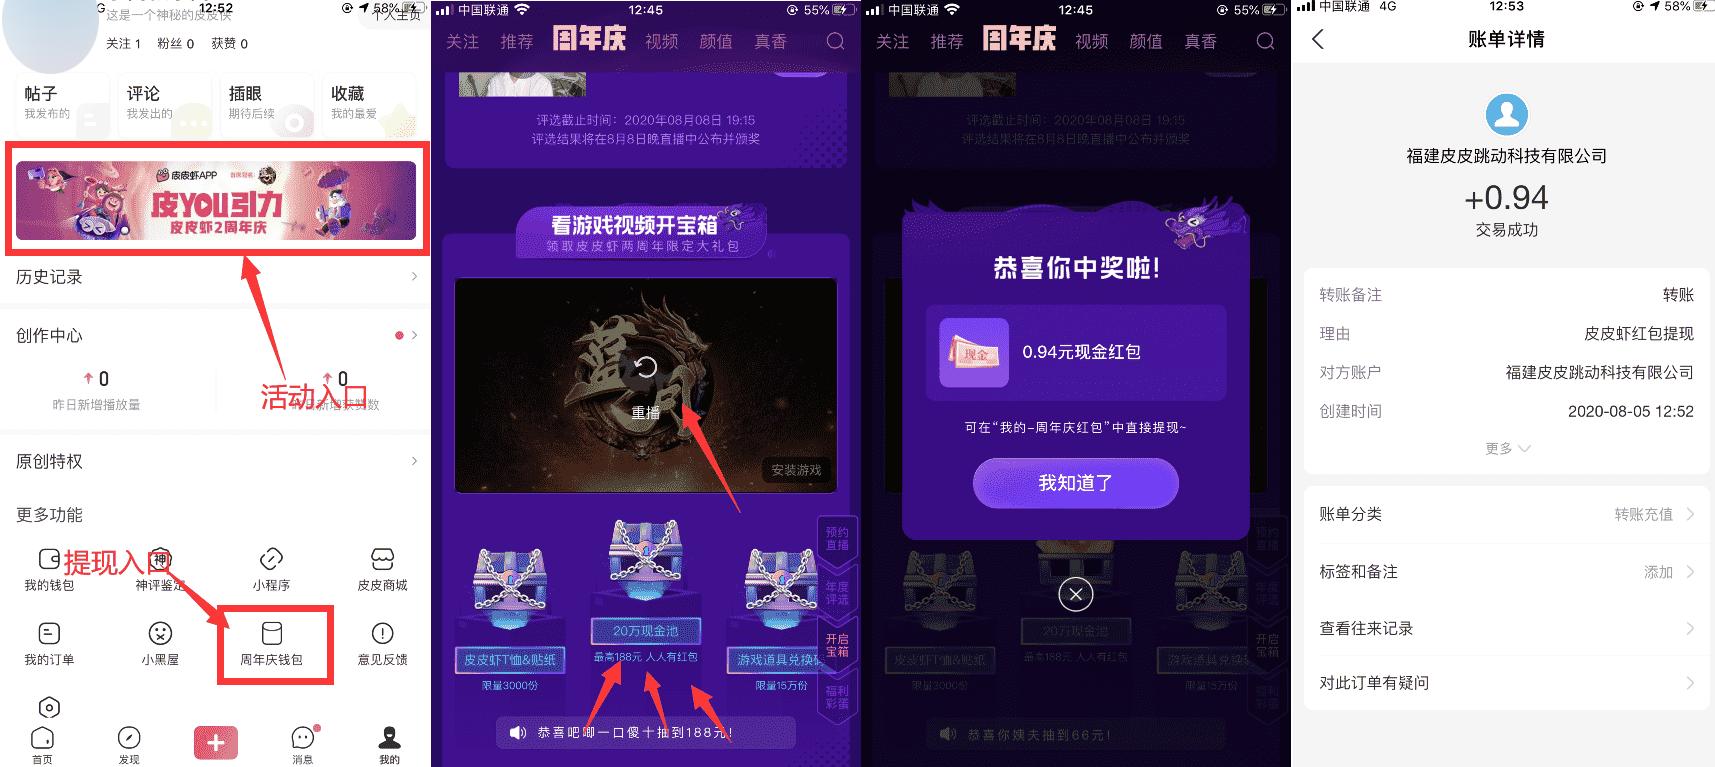 """皮皮虾2周年庆""""皮YOU引力""""活动抽支付宝红包"""